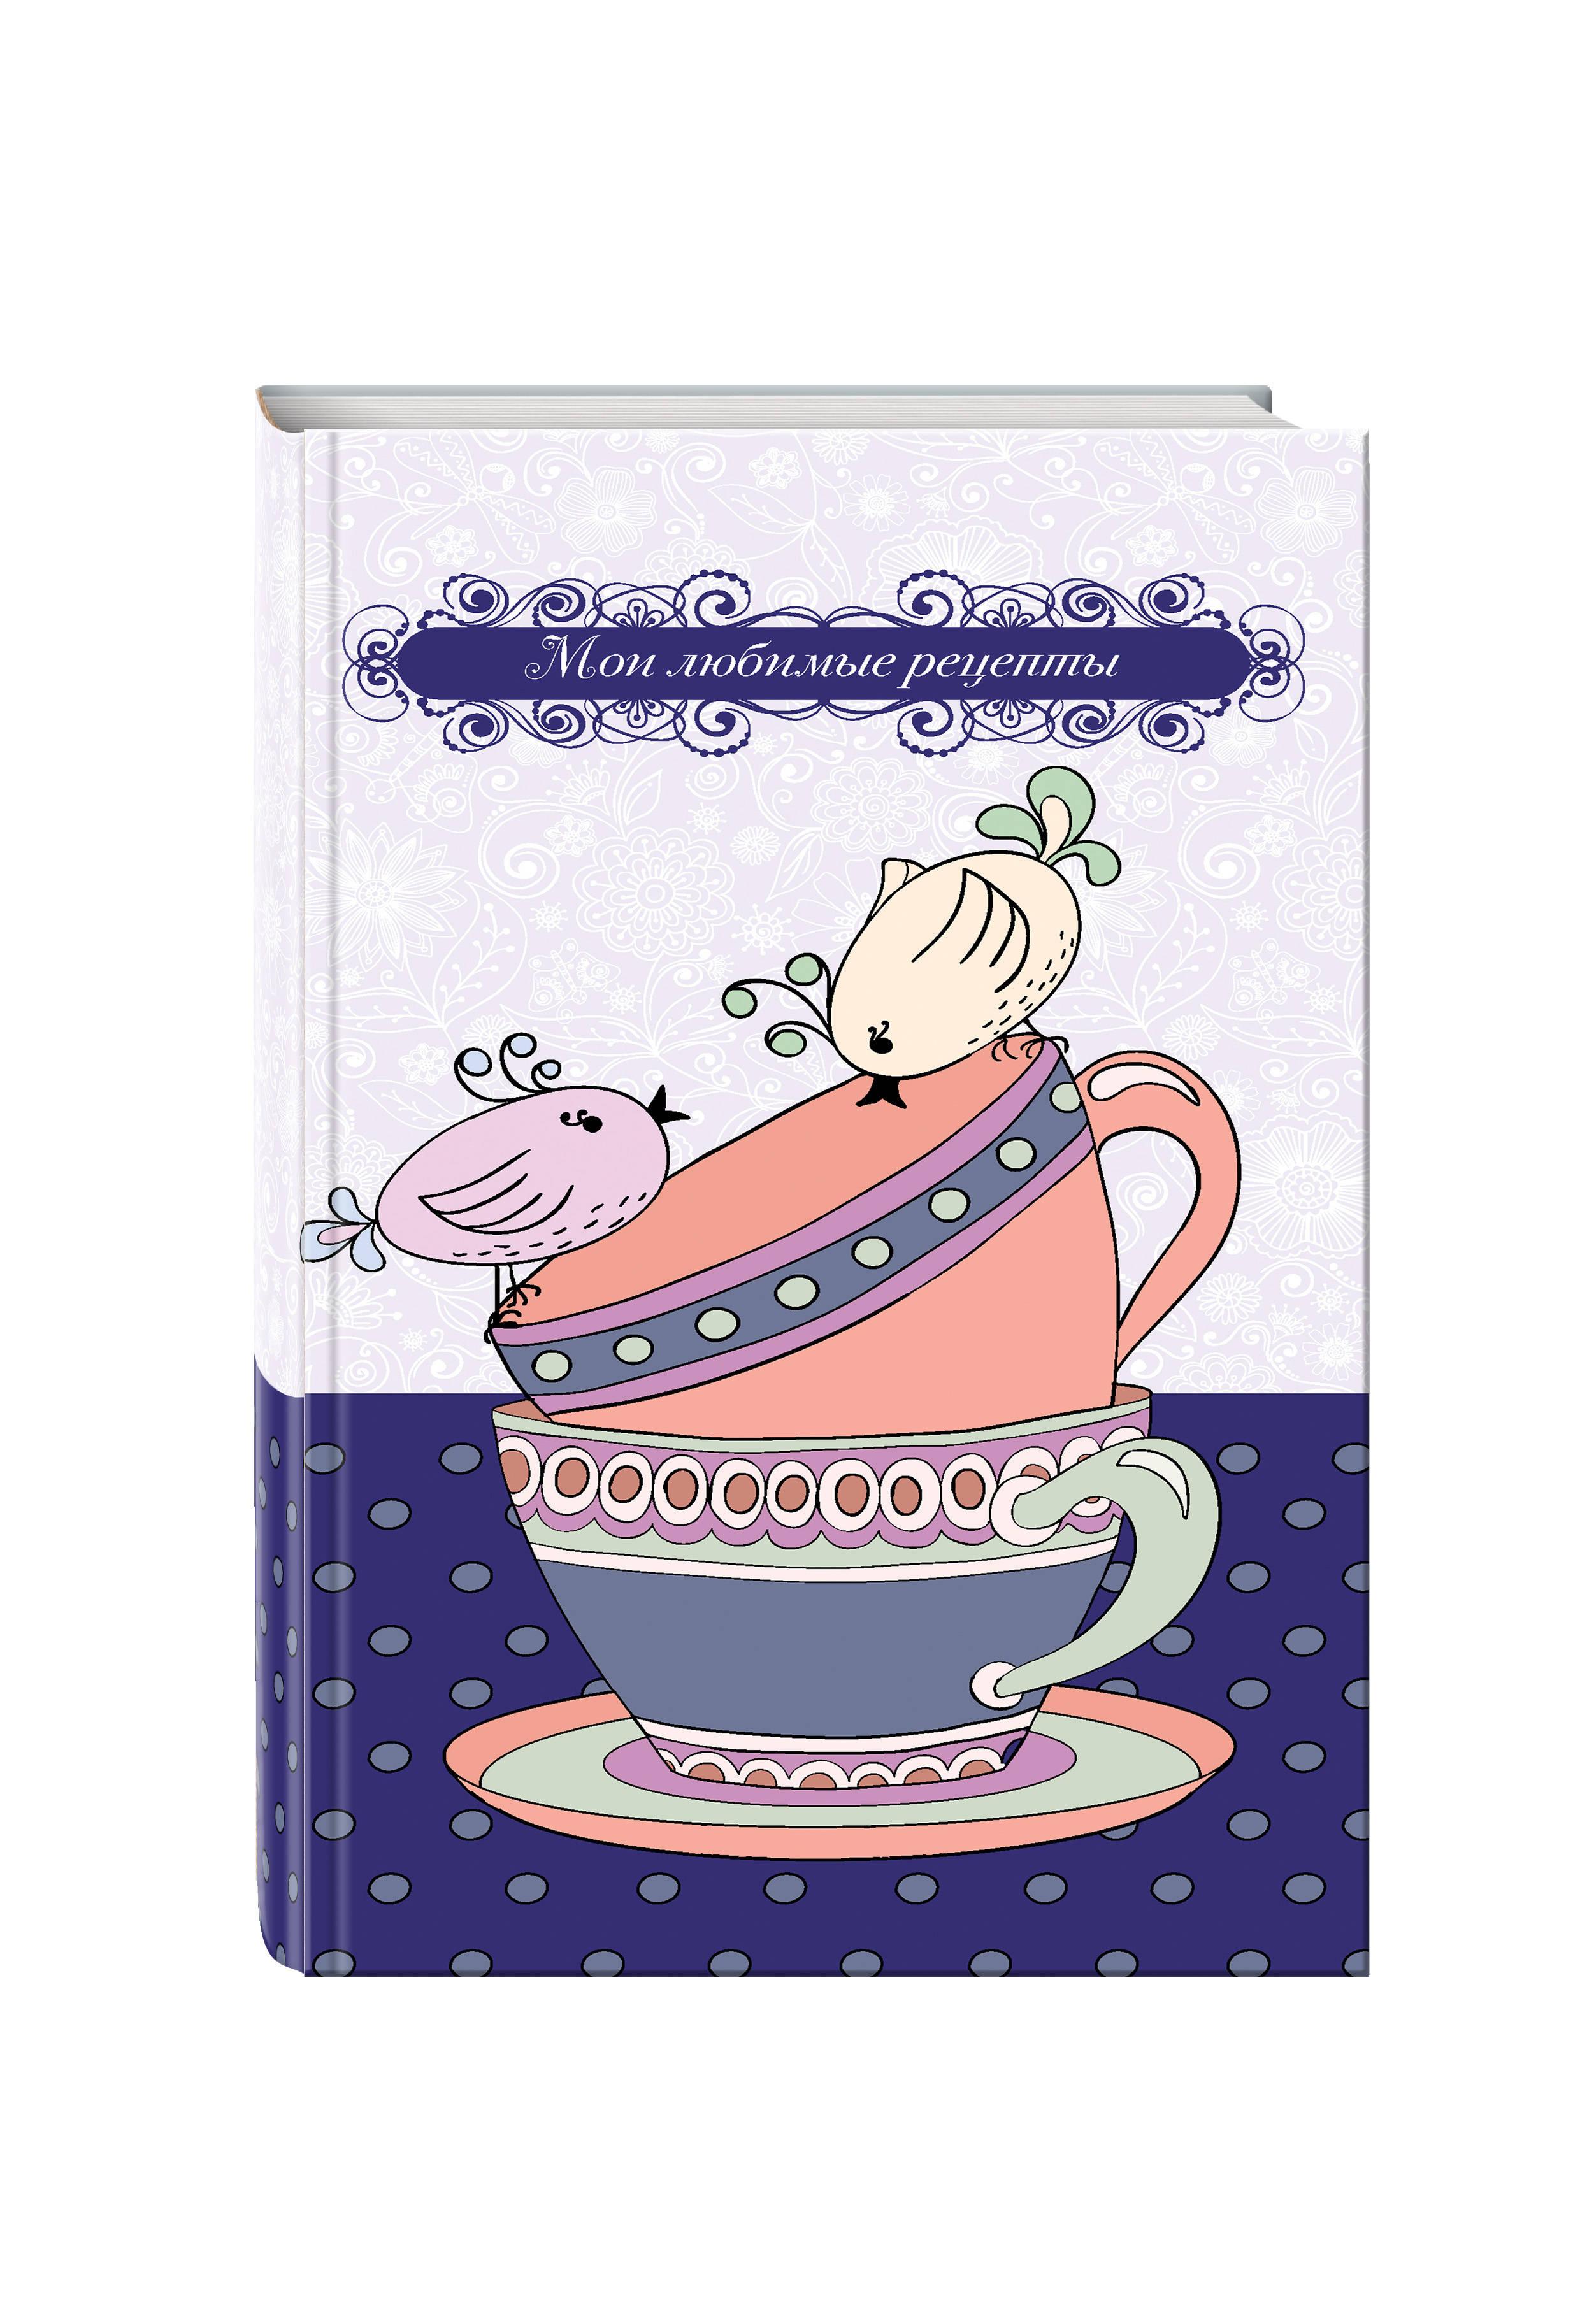 Мои любимые рецепты. Книга для записи рецептов (а5_Птички на чашке) вкусные истории книга для записи рецептов